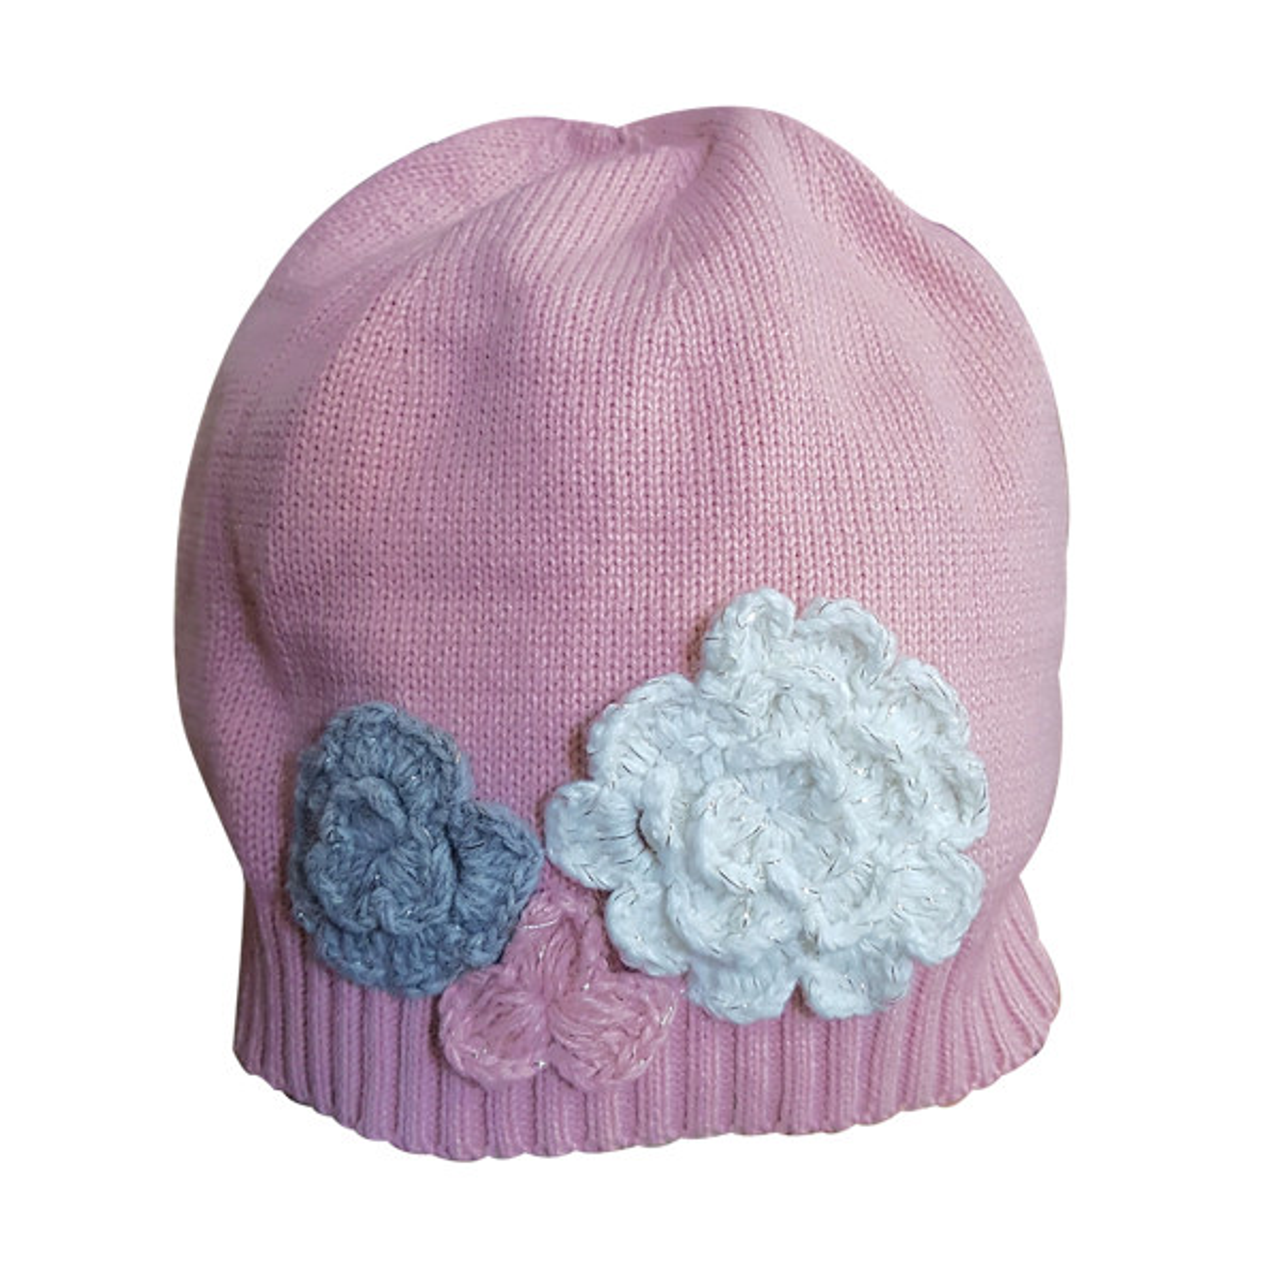 کلاه بافتنی دخترانه ال سی وایکیکی کد E-k1